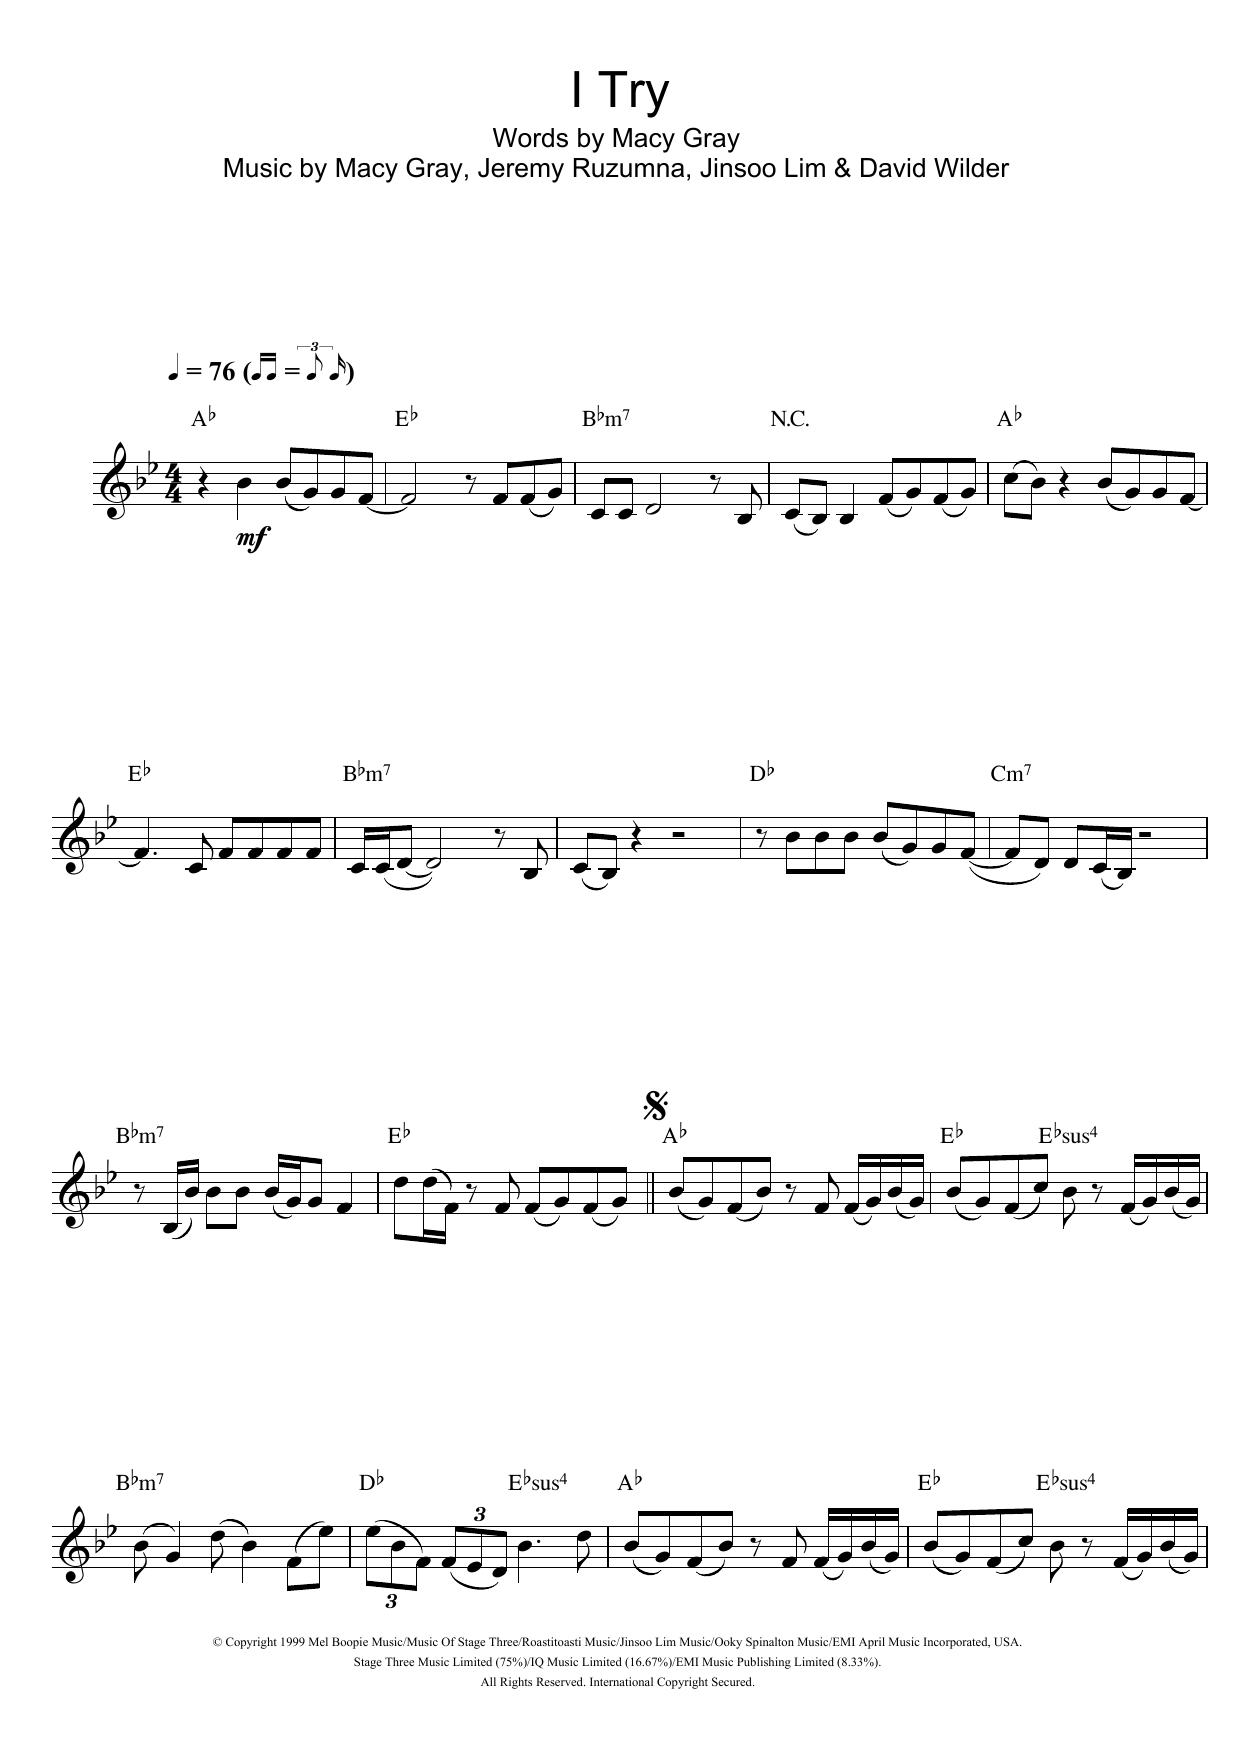 I Try Sheet Music